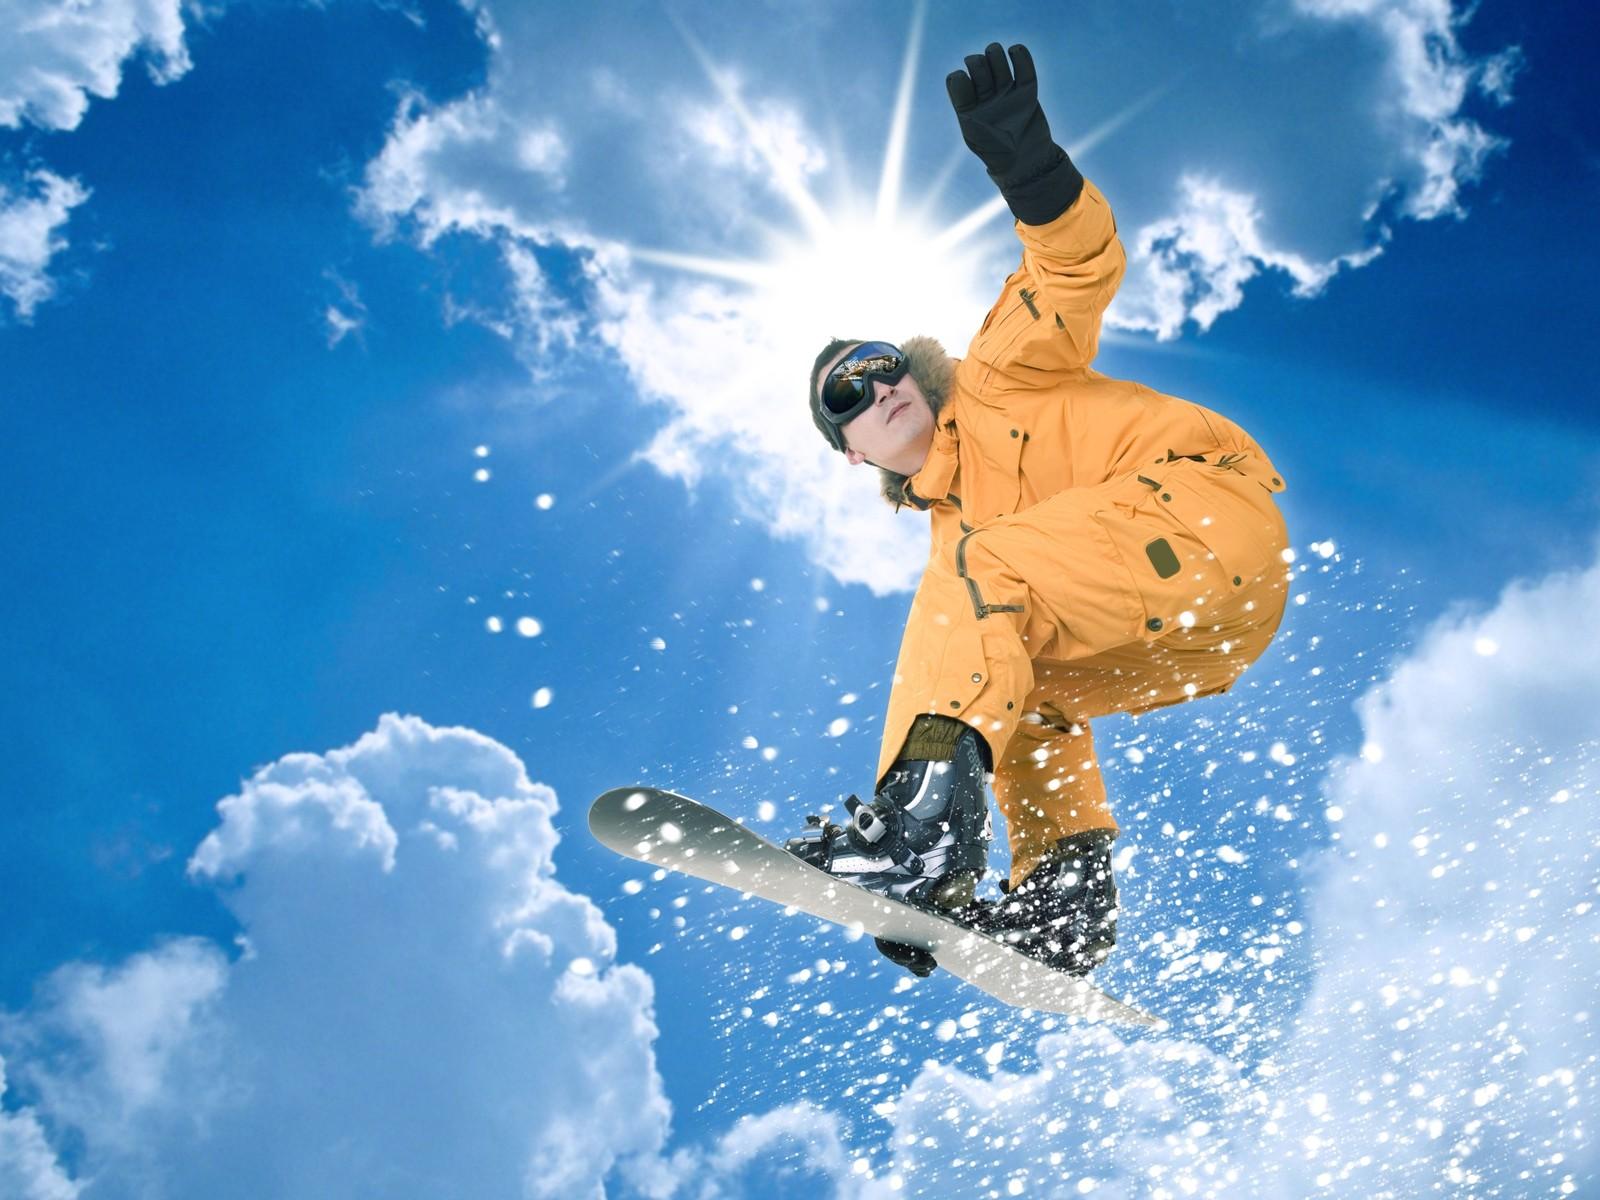 HD Wallpaper: Skateboarding HD Wallpapers